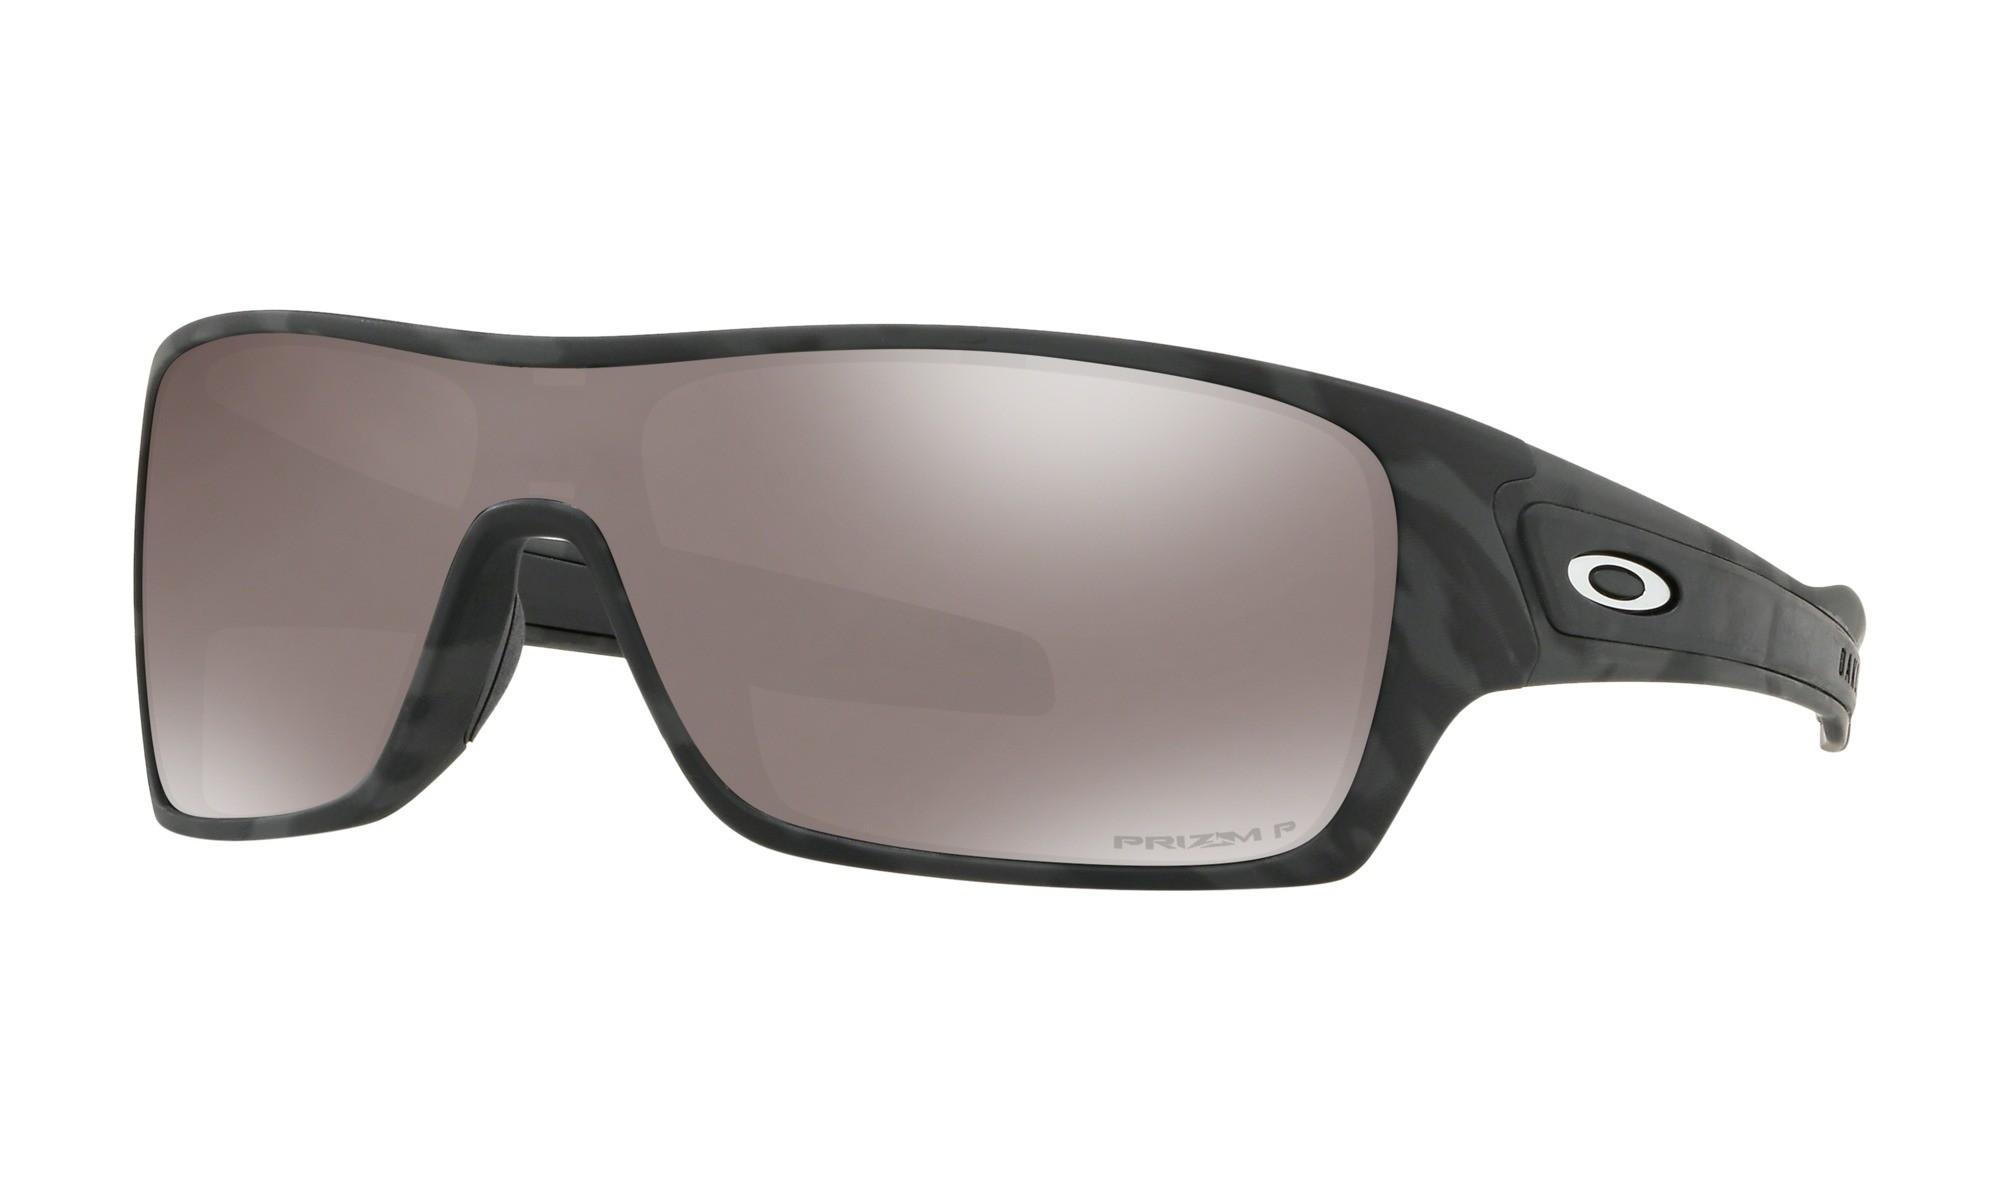 11f2831c33d Oakley Turbine Rotor Black Camo Collection Prizm Black Polarized Sunglasses